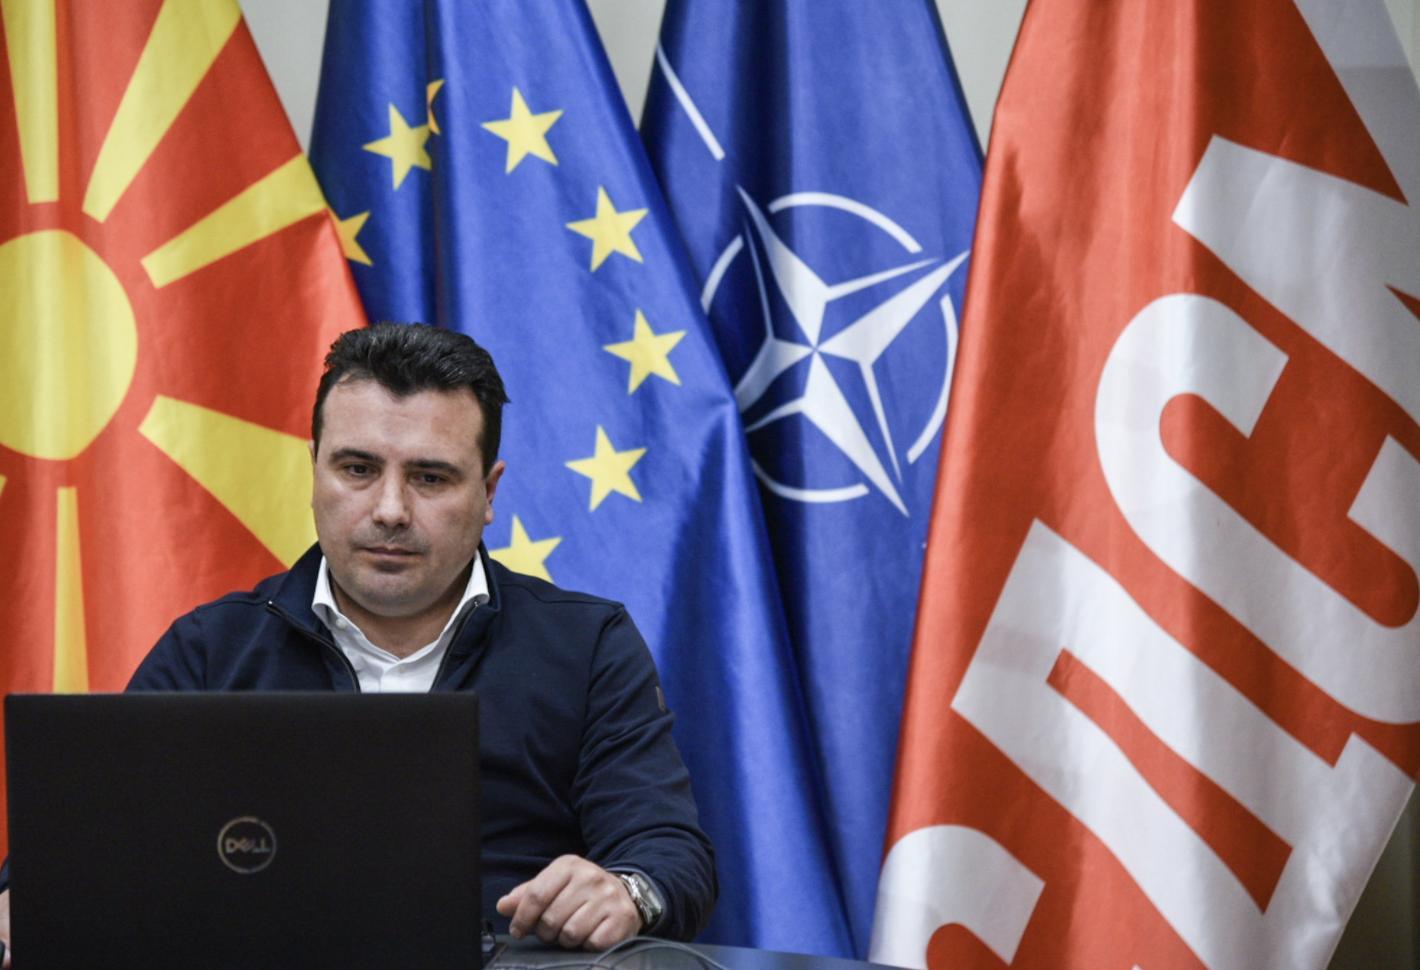 Βόρεια Μακεδονία: Στις 21 Μαρτίου η εκλογή Προέδρου και 16 Μαΐου το συνέδριο του κυβερνώντος κόμματος SDSM